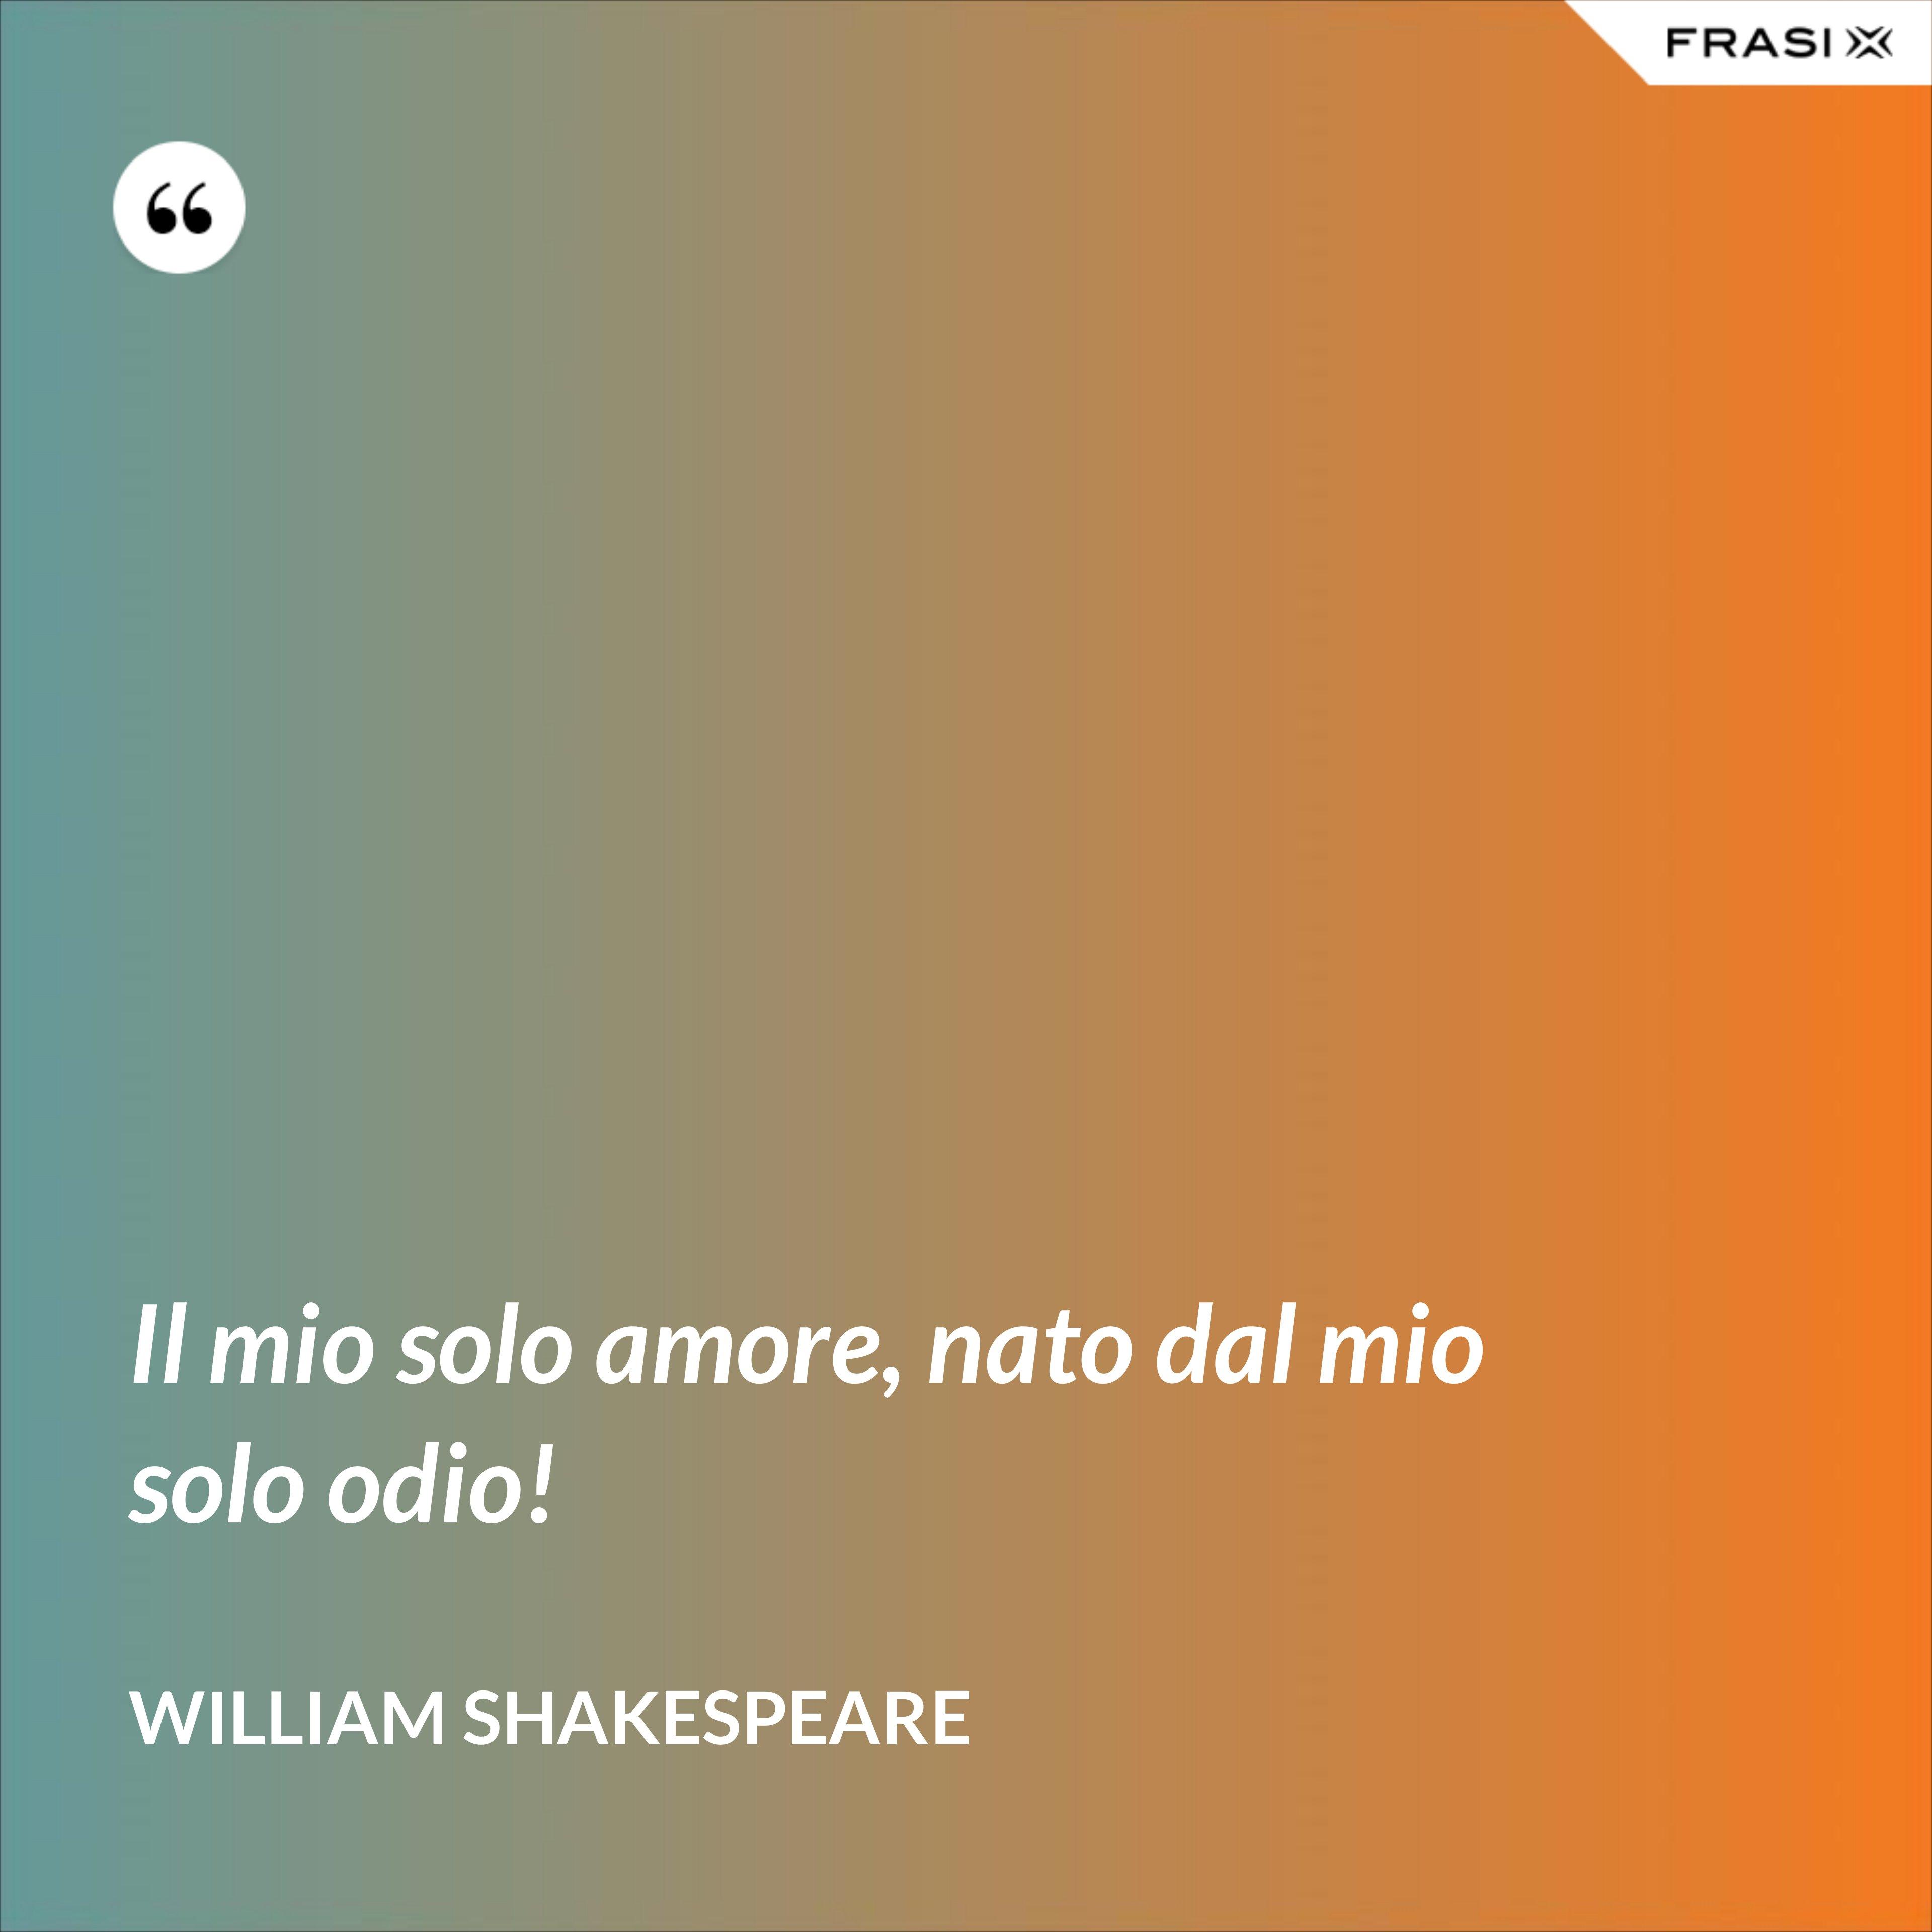 Il mio solo amore, nato dal mio solo odio! - William Shakespeare